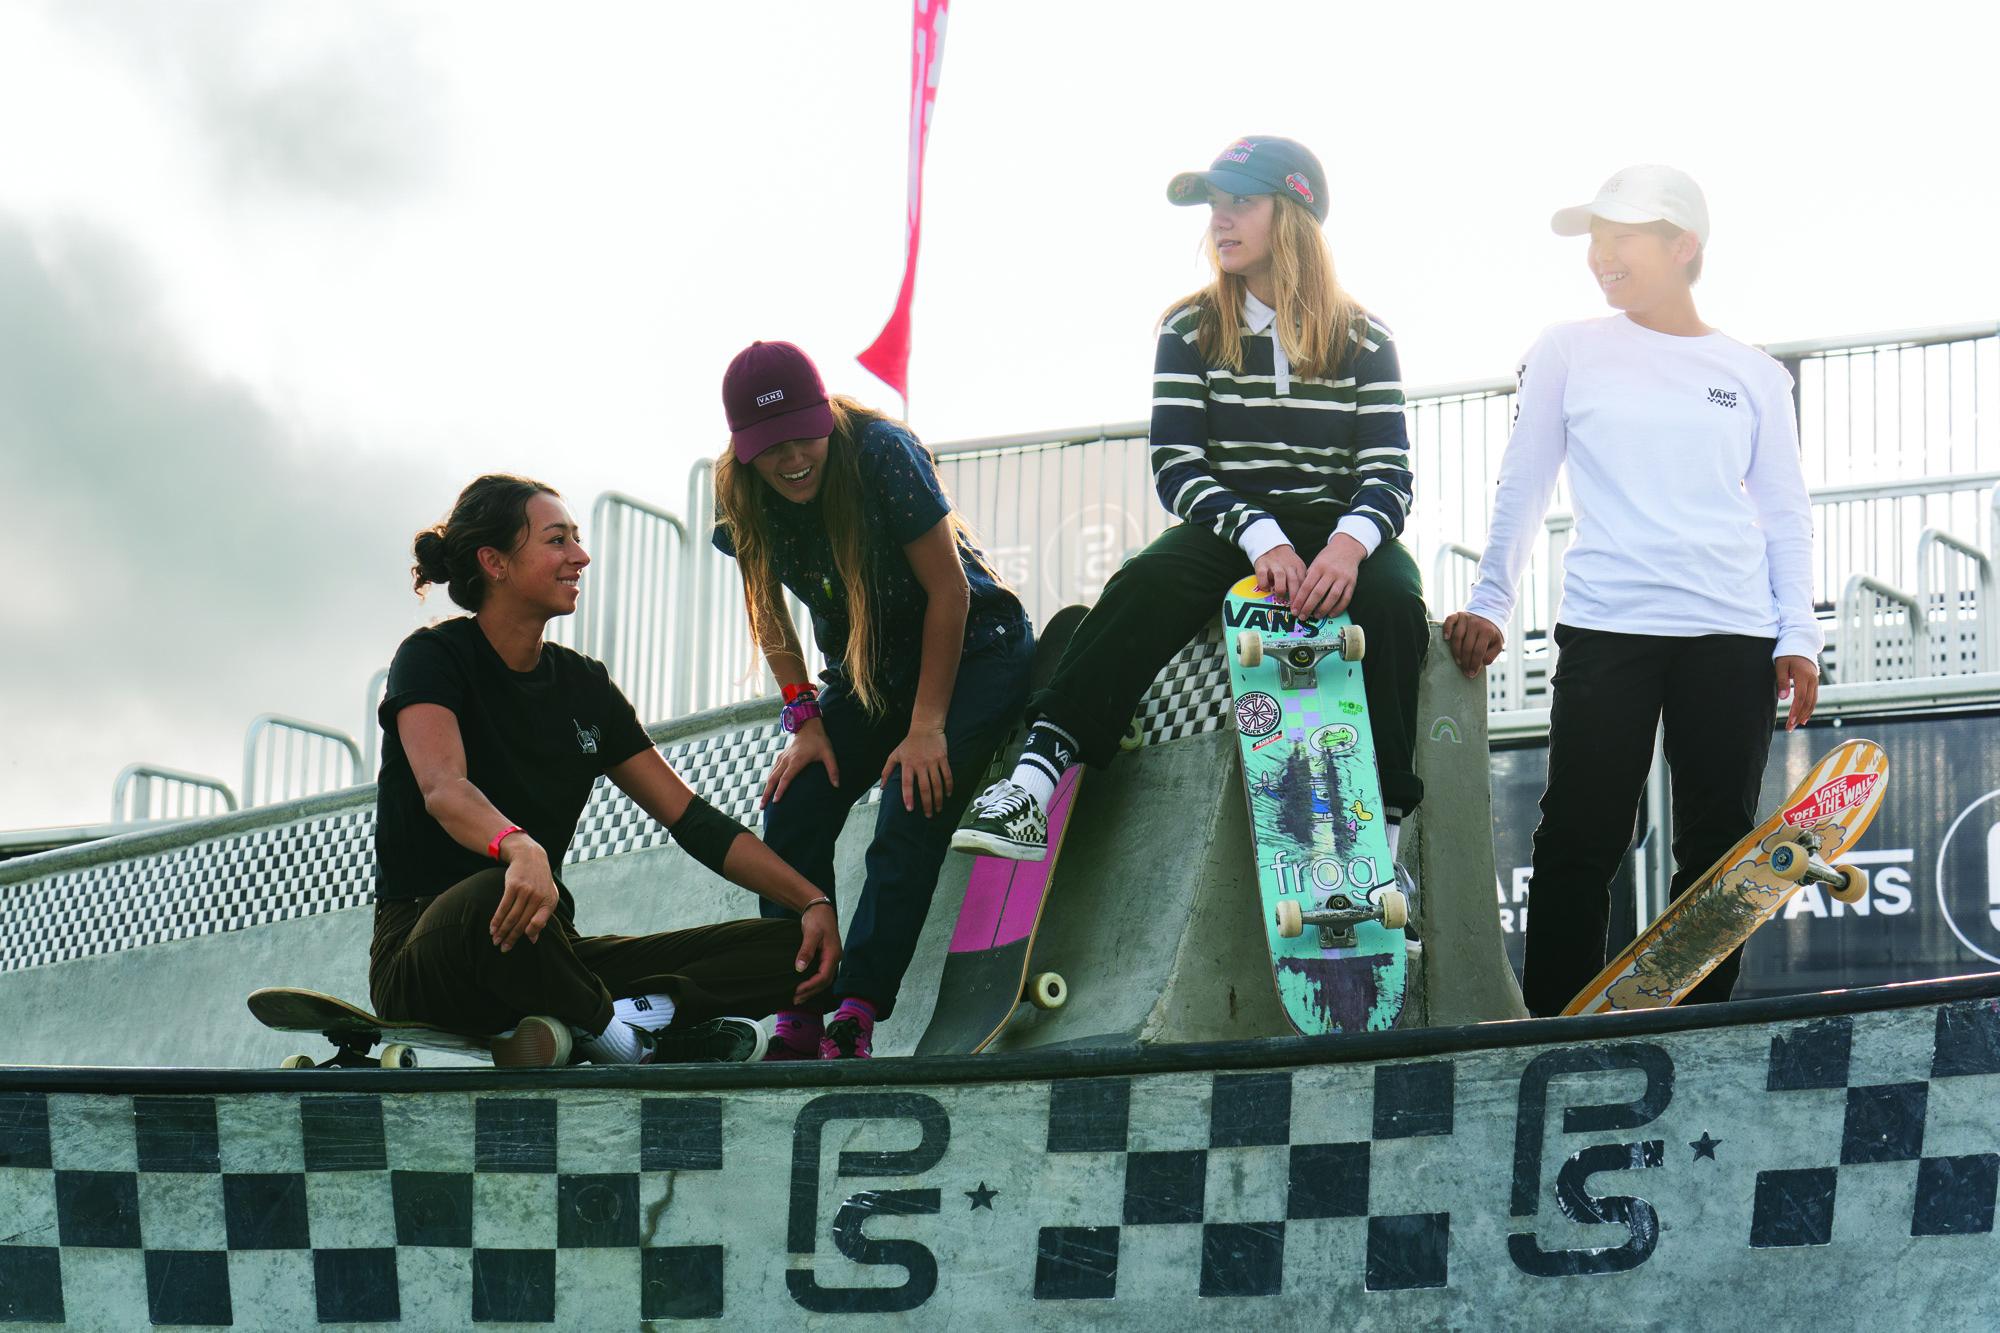 VANS GIRLS SKATE CAMP hace parada en Barcelona